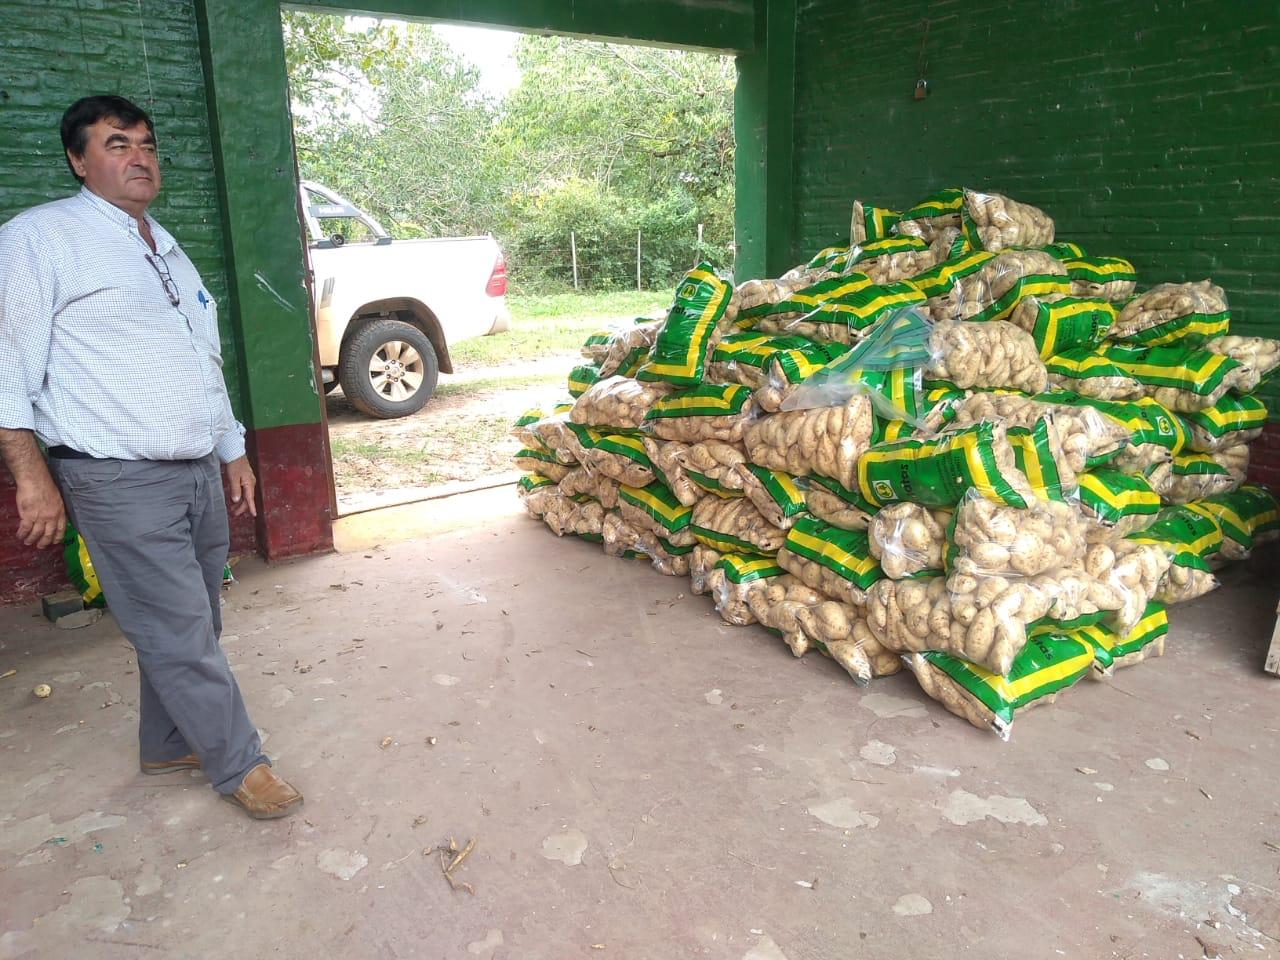 Donaron 20 mil kilos de arroz y 800 bolsas de batatas para distribuir en comedores comunitarios de la Provincia